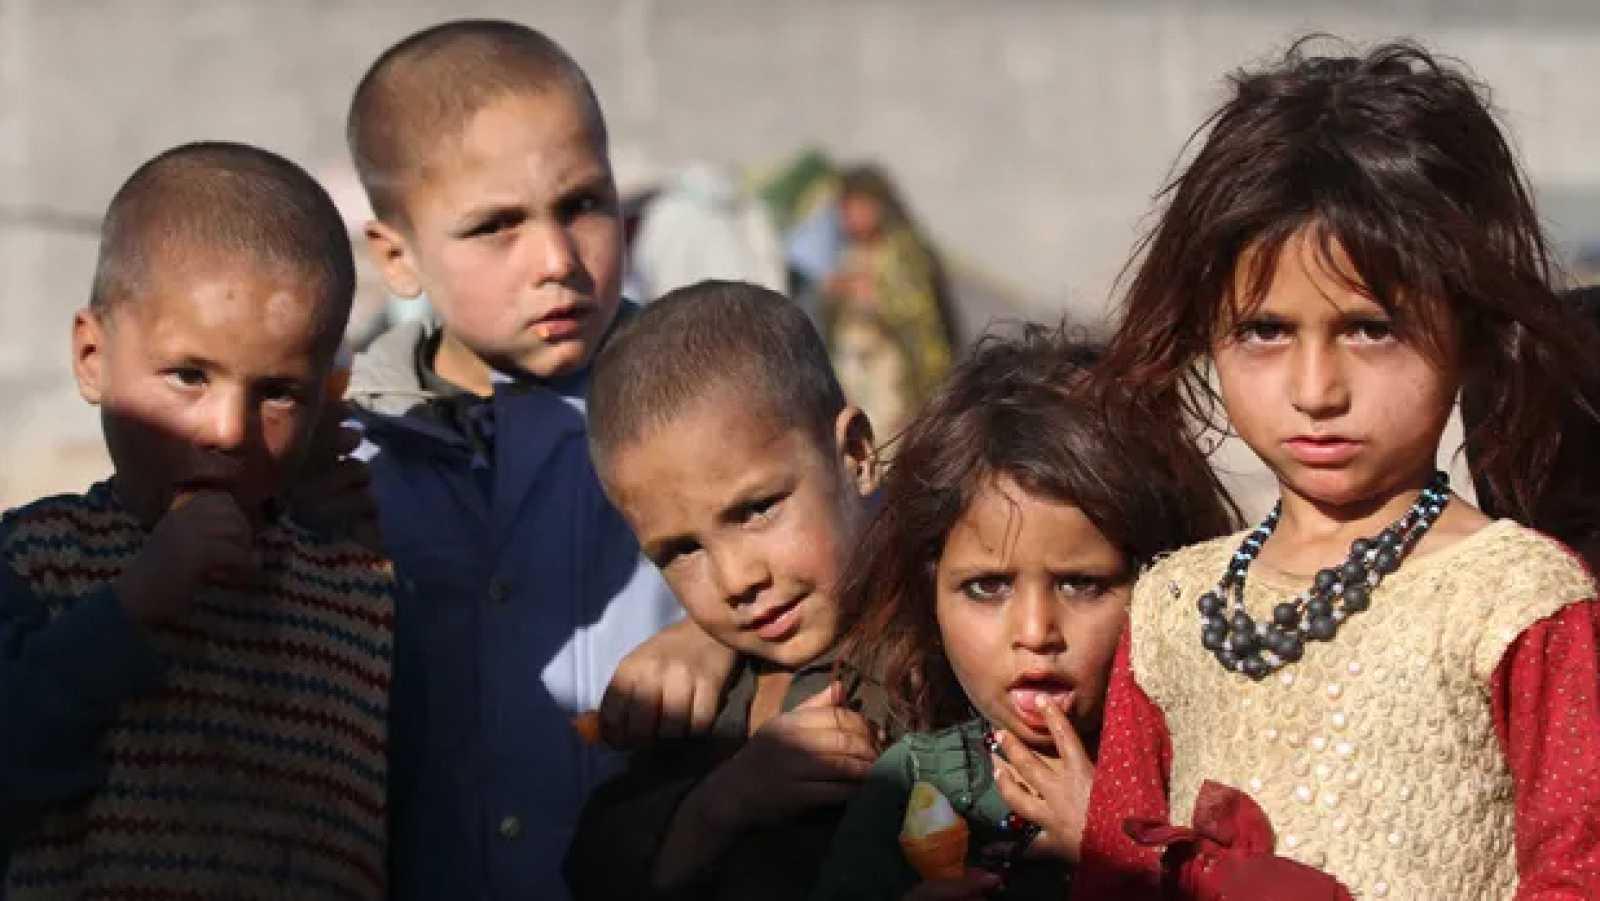 Asia hoy - La infancia como objetivo en las guerras - 27/11/20 - escuchar ahora